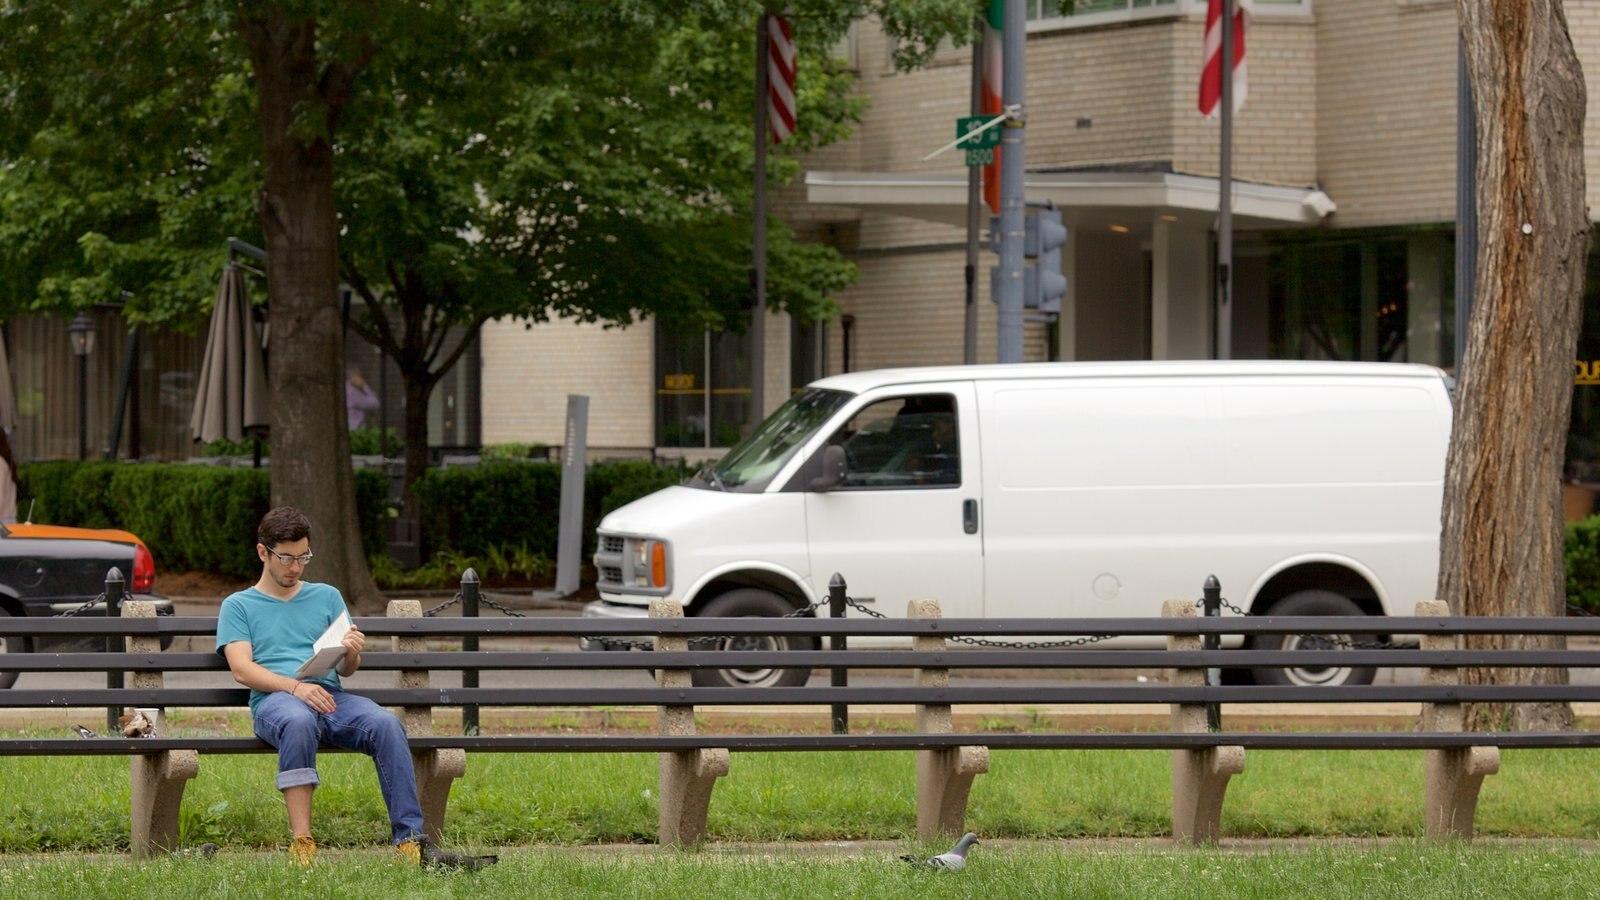 Washington D.C. que inclui um parque assim como um homem sozinho